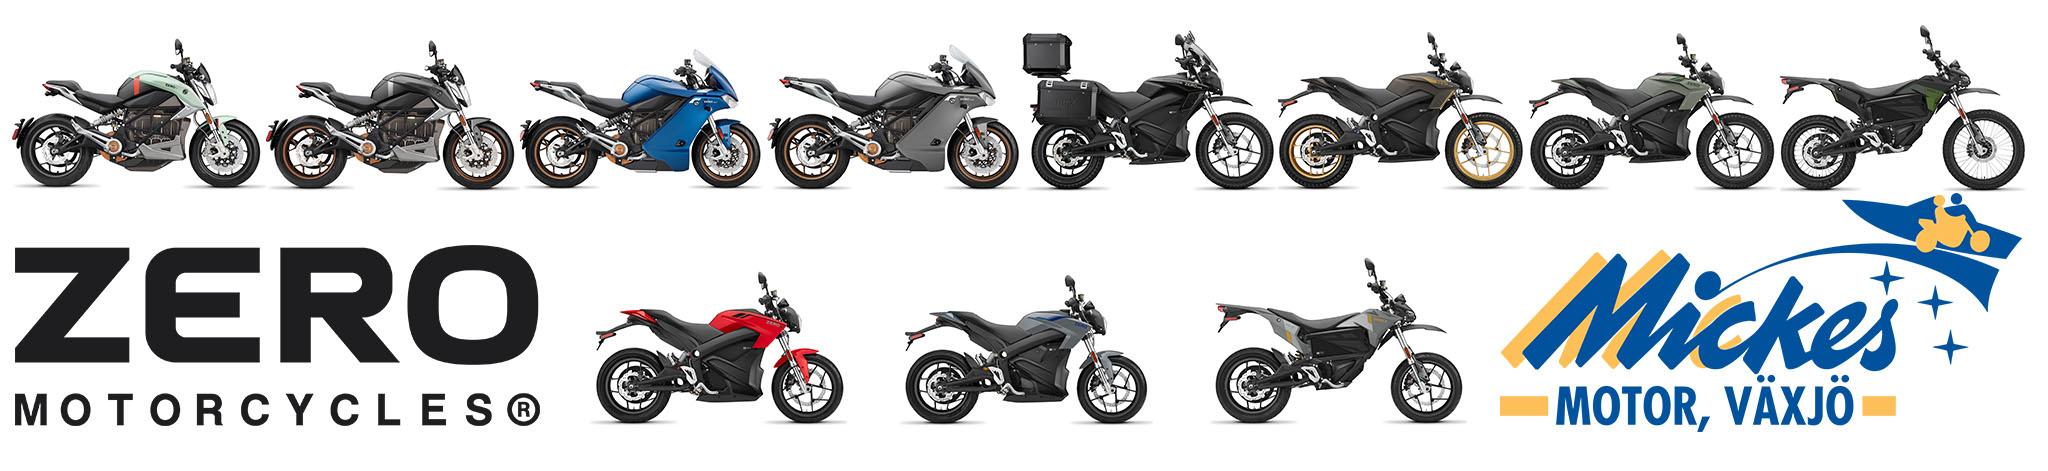 Frejfaxe är importör och återförsäljare av Zero Motorcycles elmotorcyklar i samarbete med Mickes Motor i Växjö.